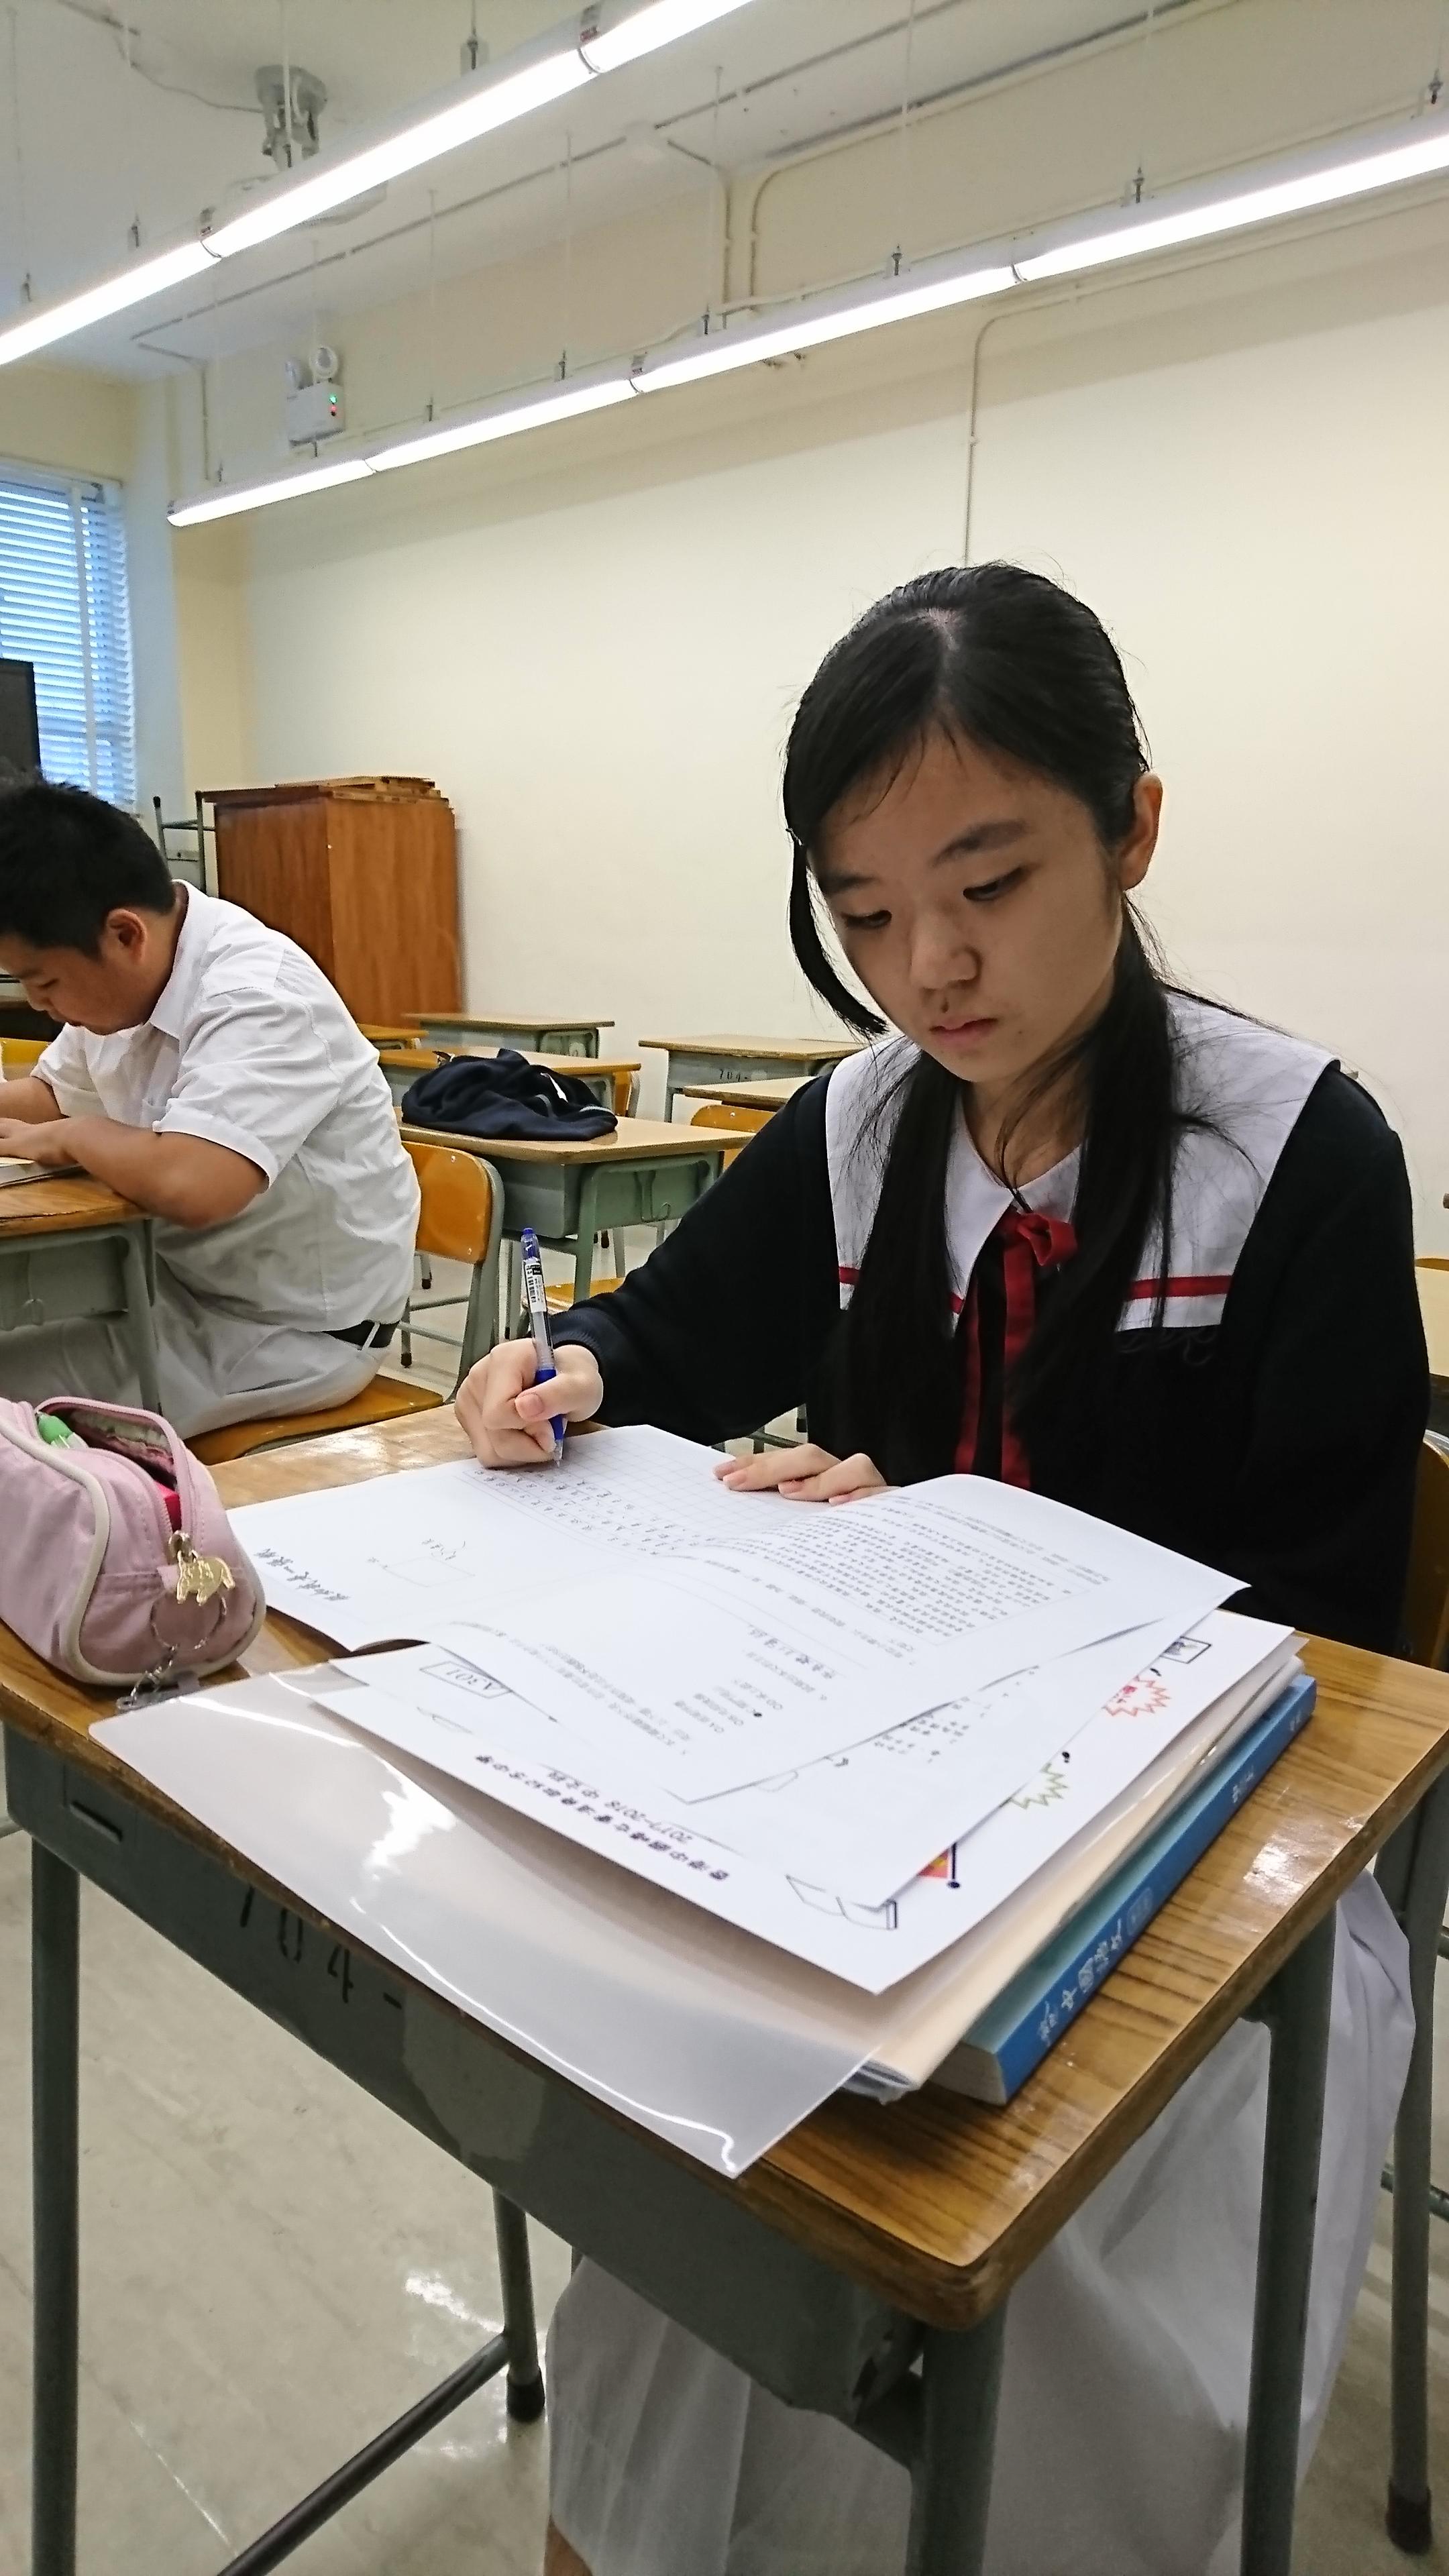 同學正專心閲讀。